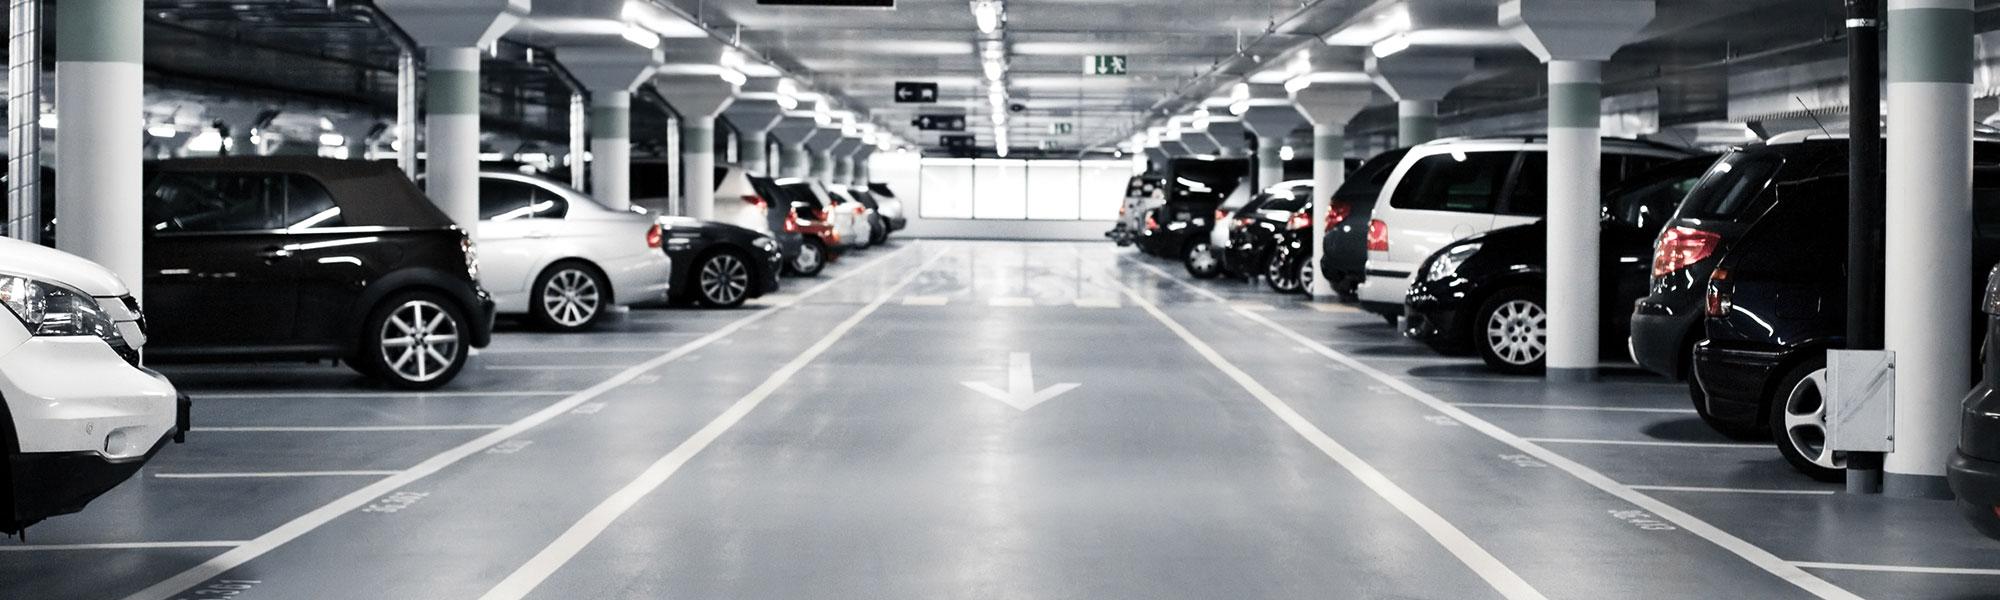 Internet et la location parking Nantes